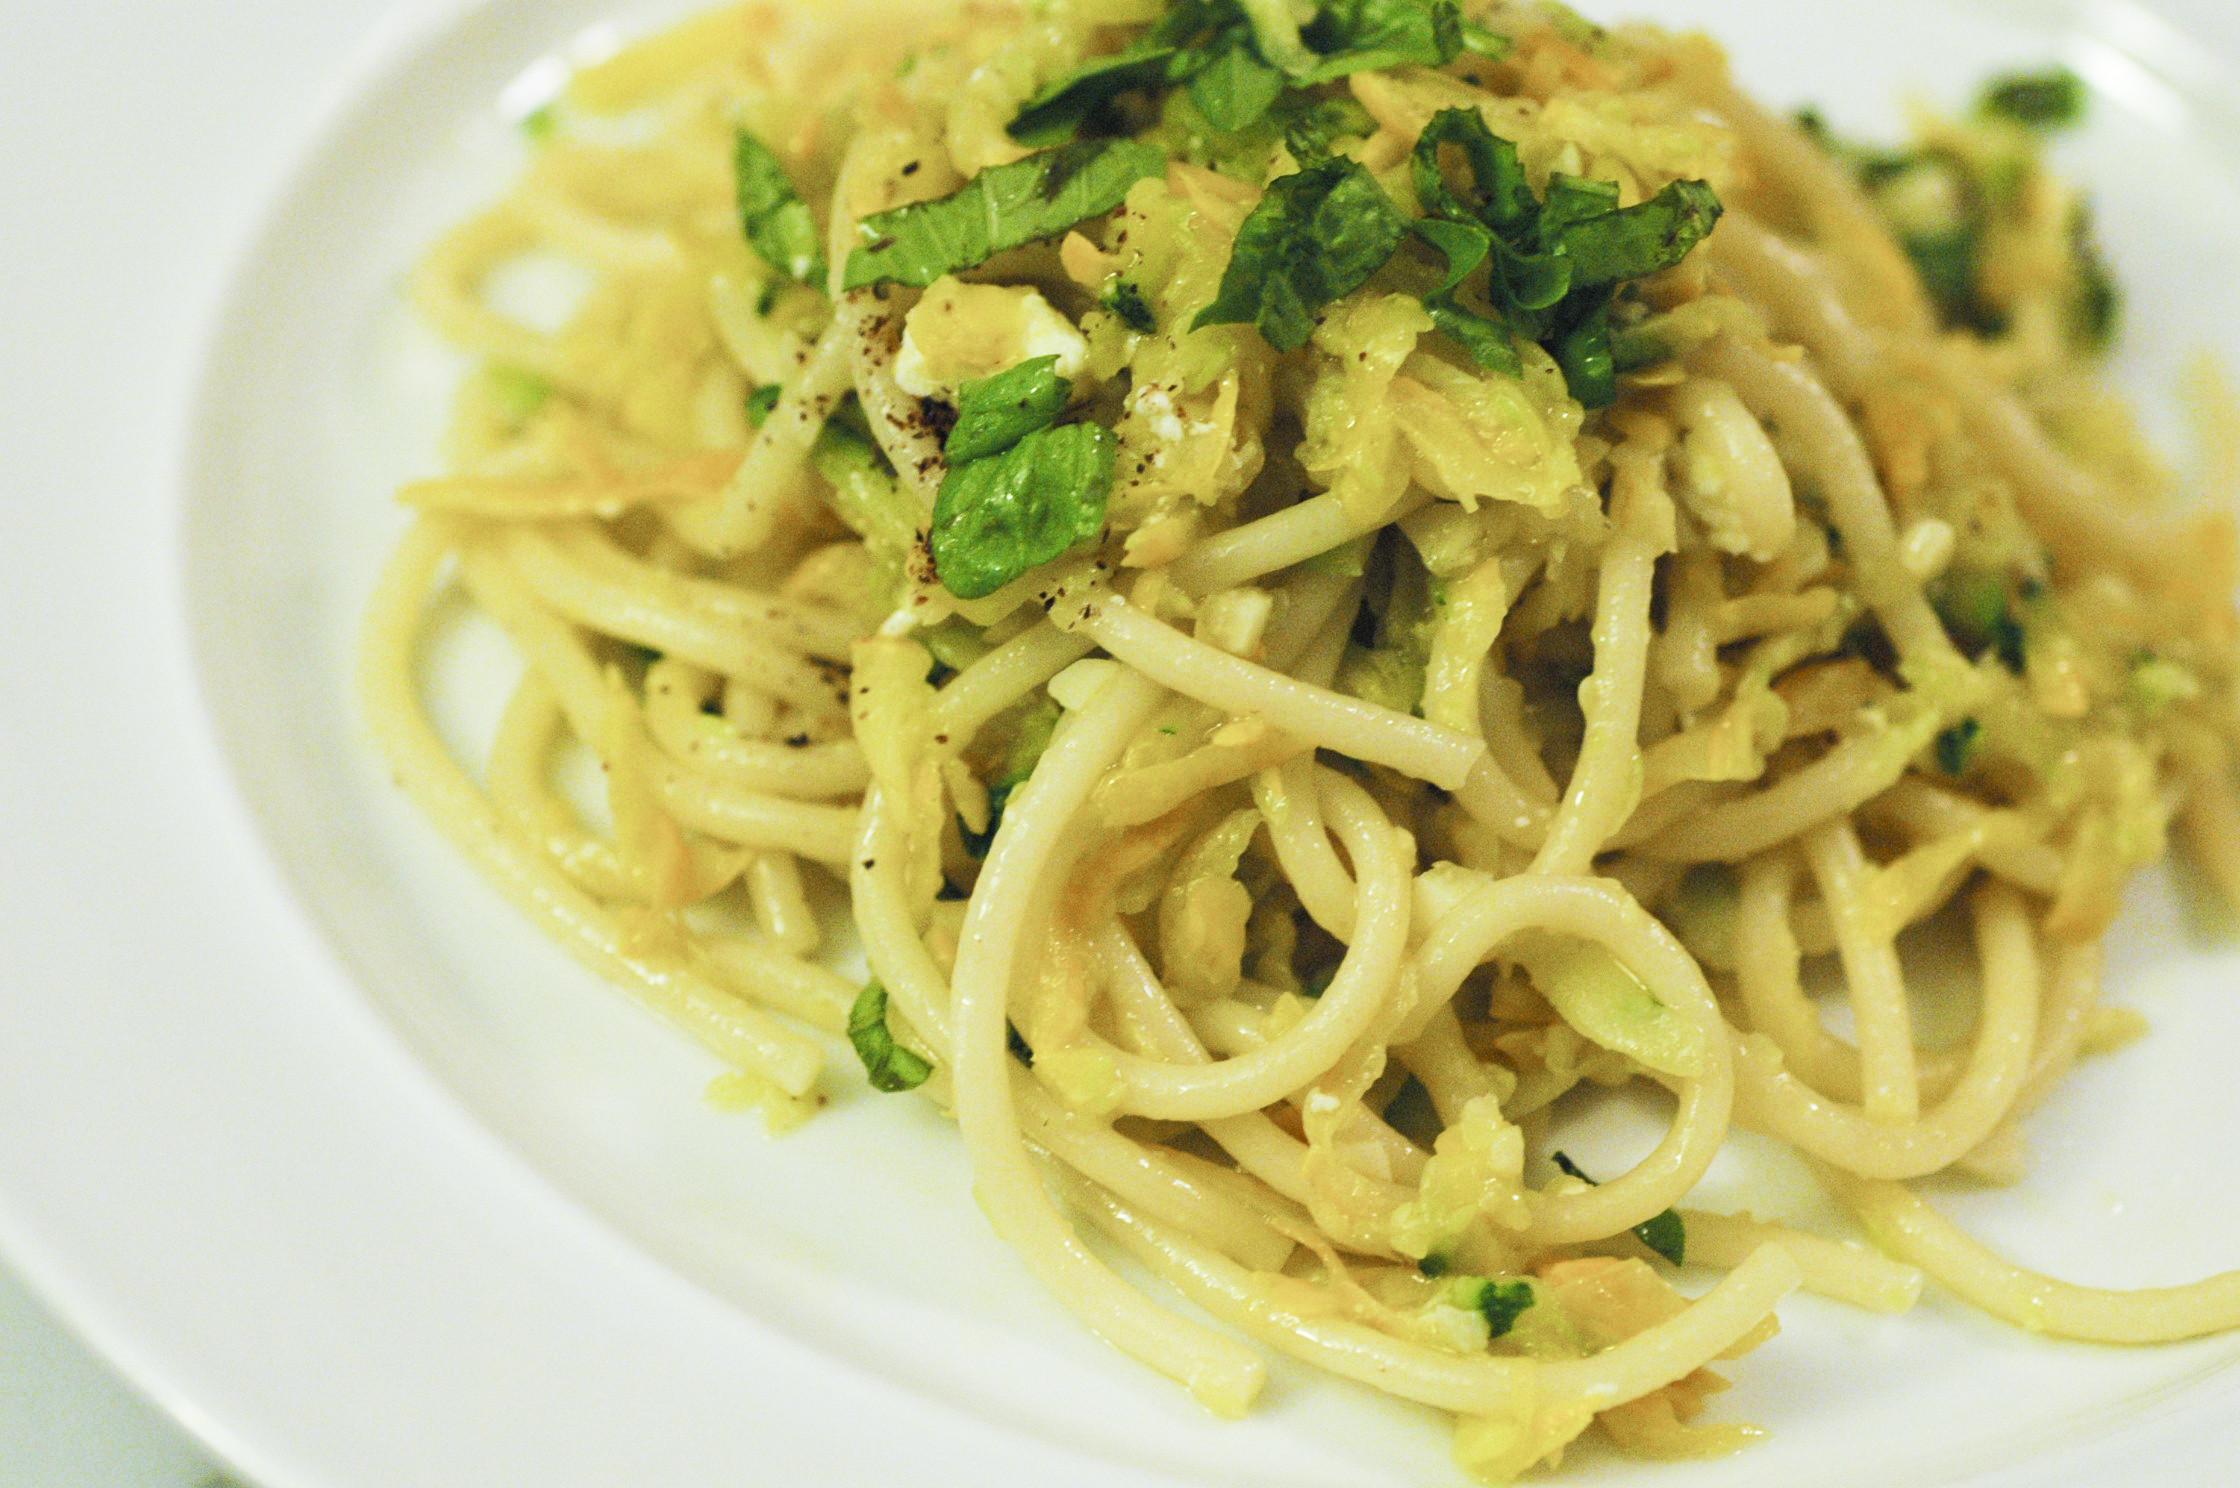 Summer Squash Noodles Recipes  FLAVOR EXPLOSIONS Blog Archive Summer Squash Feta and